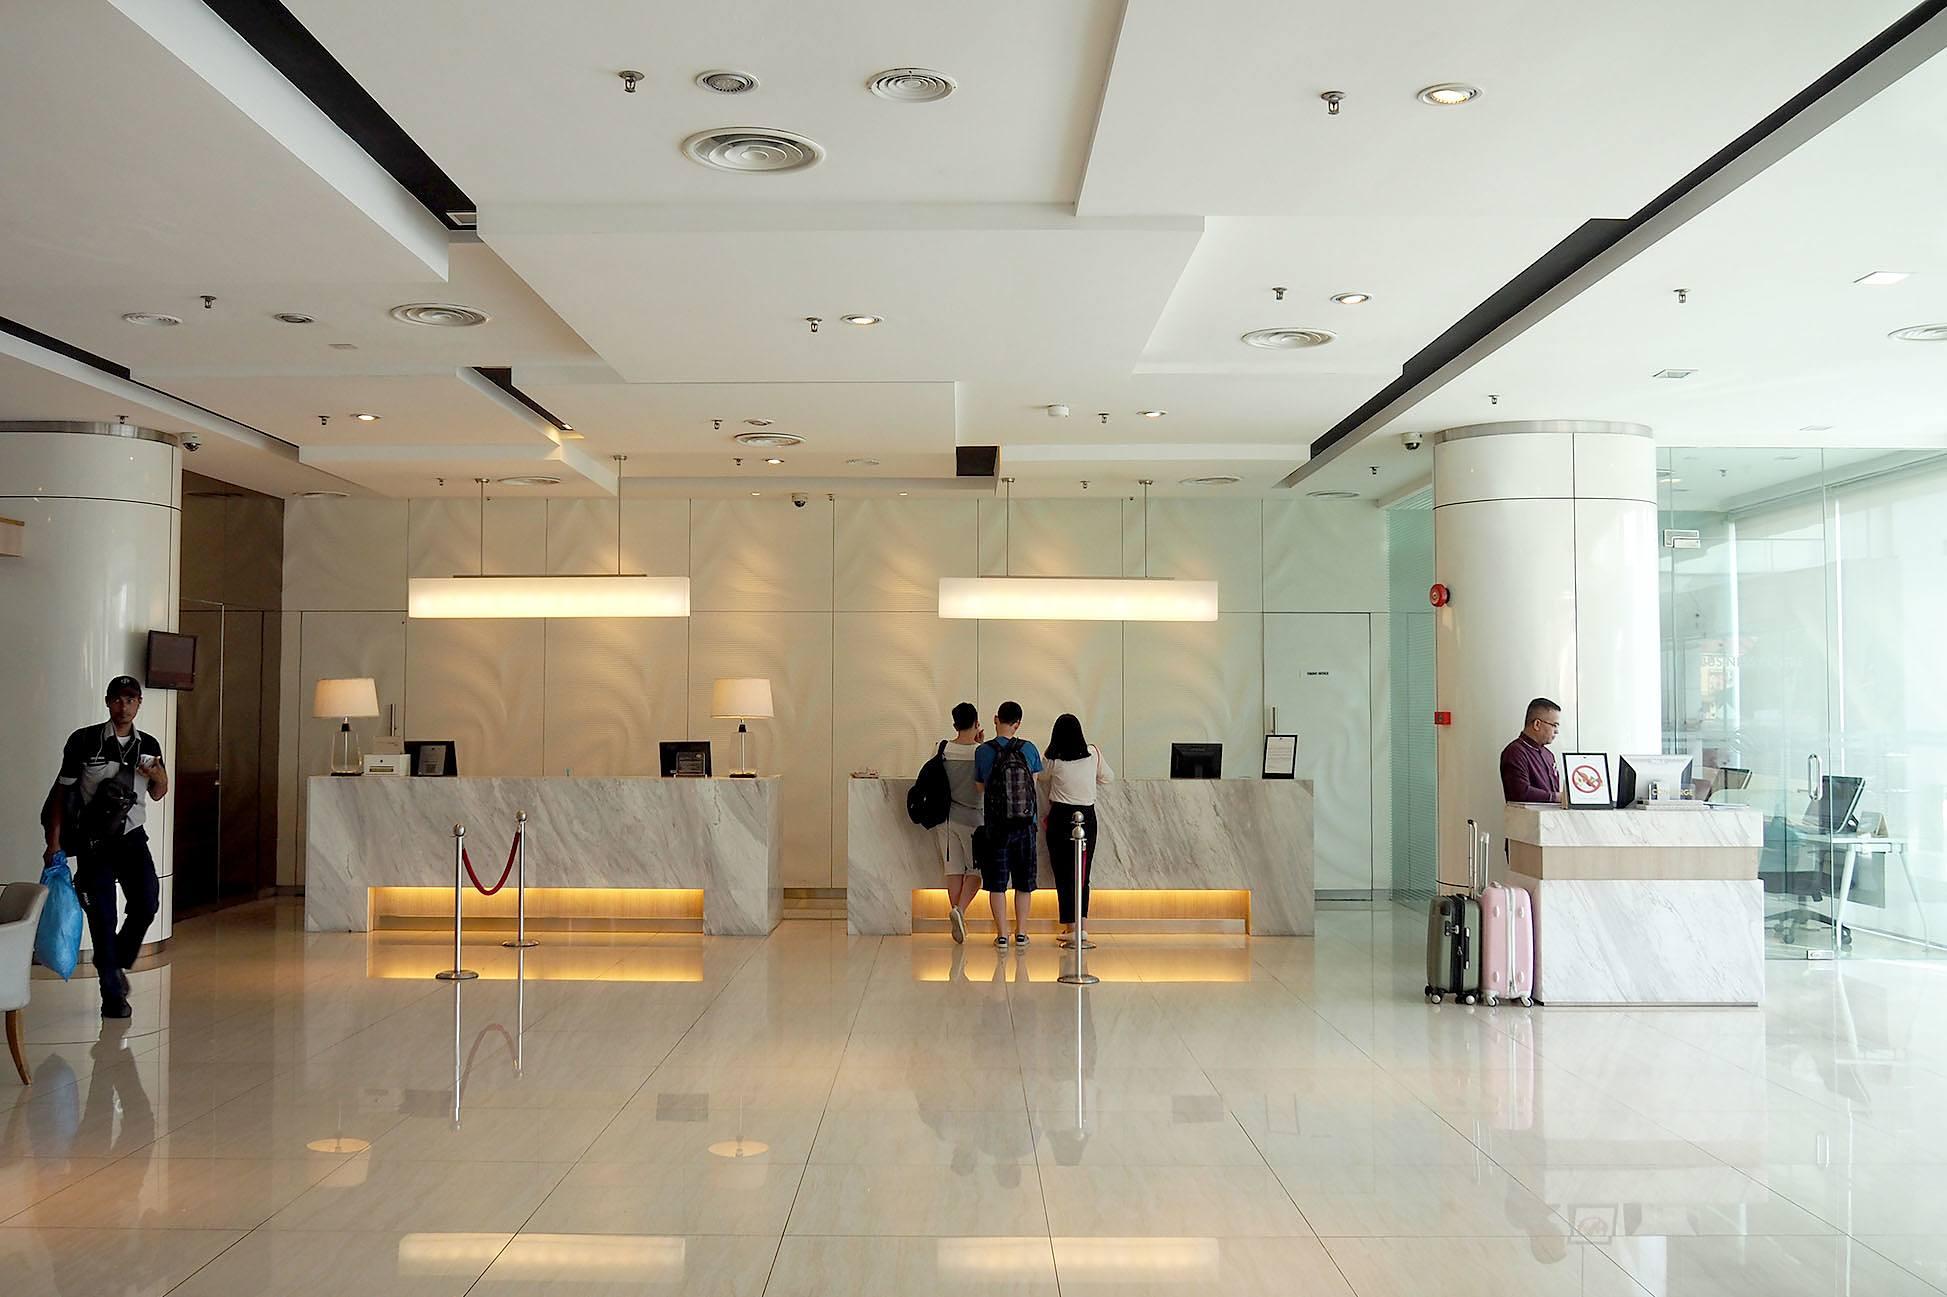 Sunway Hotel Georgetown Penang